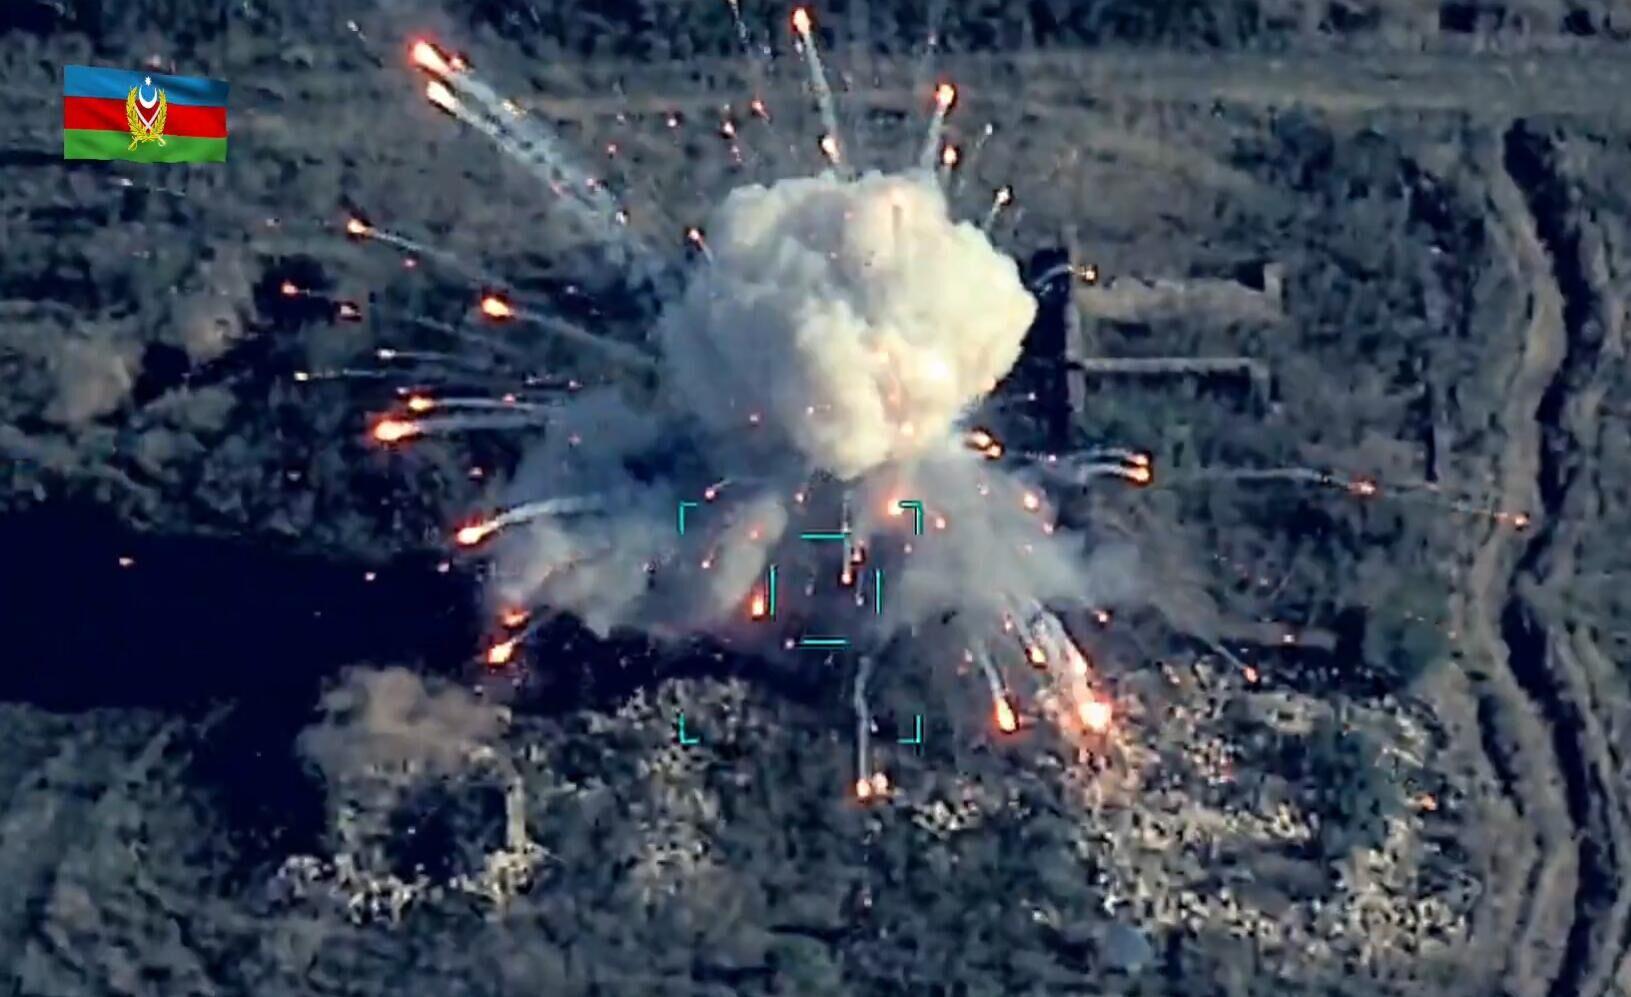 阿塞拜疆国防部公布的摧毁亚美尼亚军事目标的画面